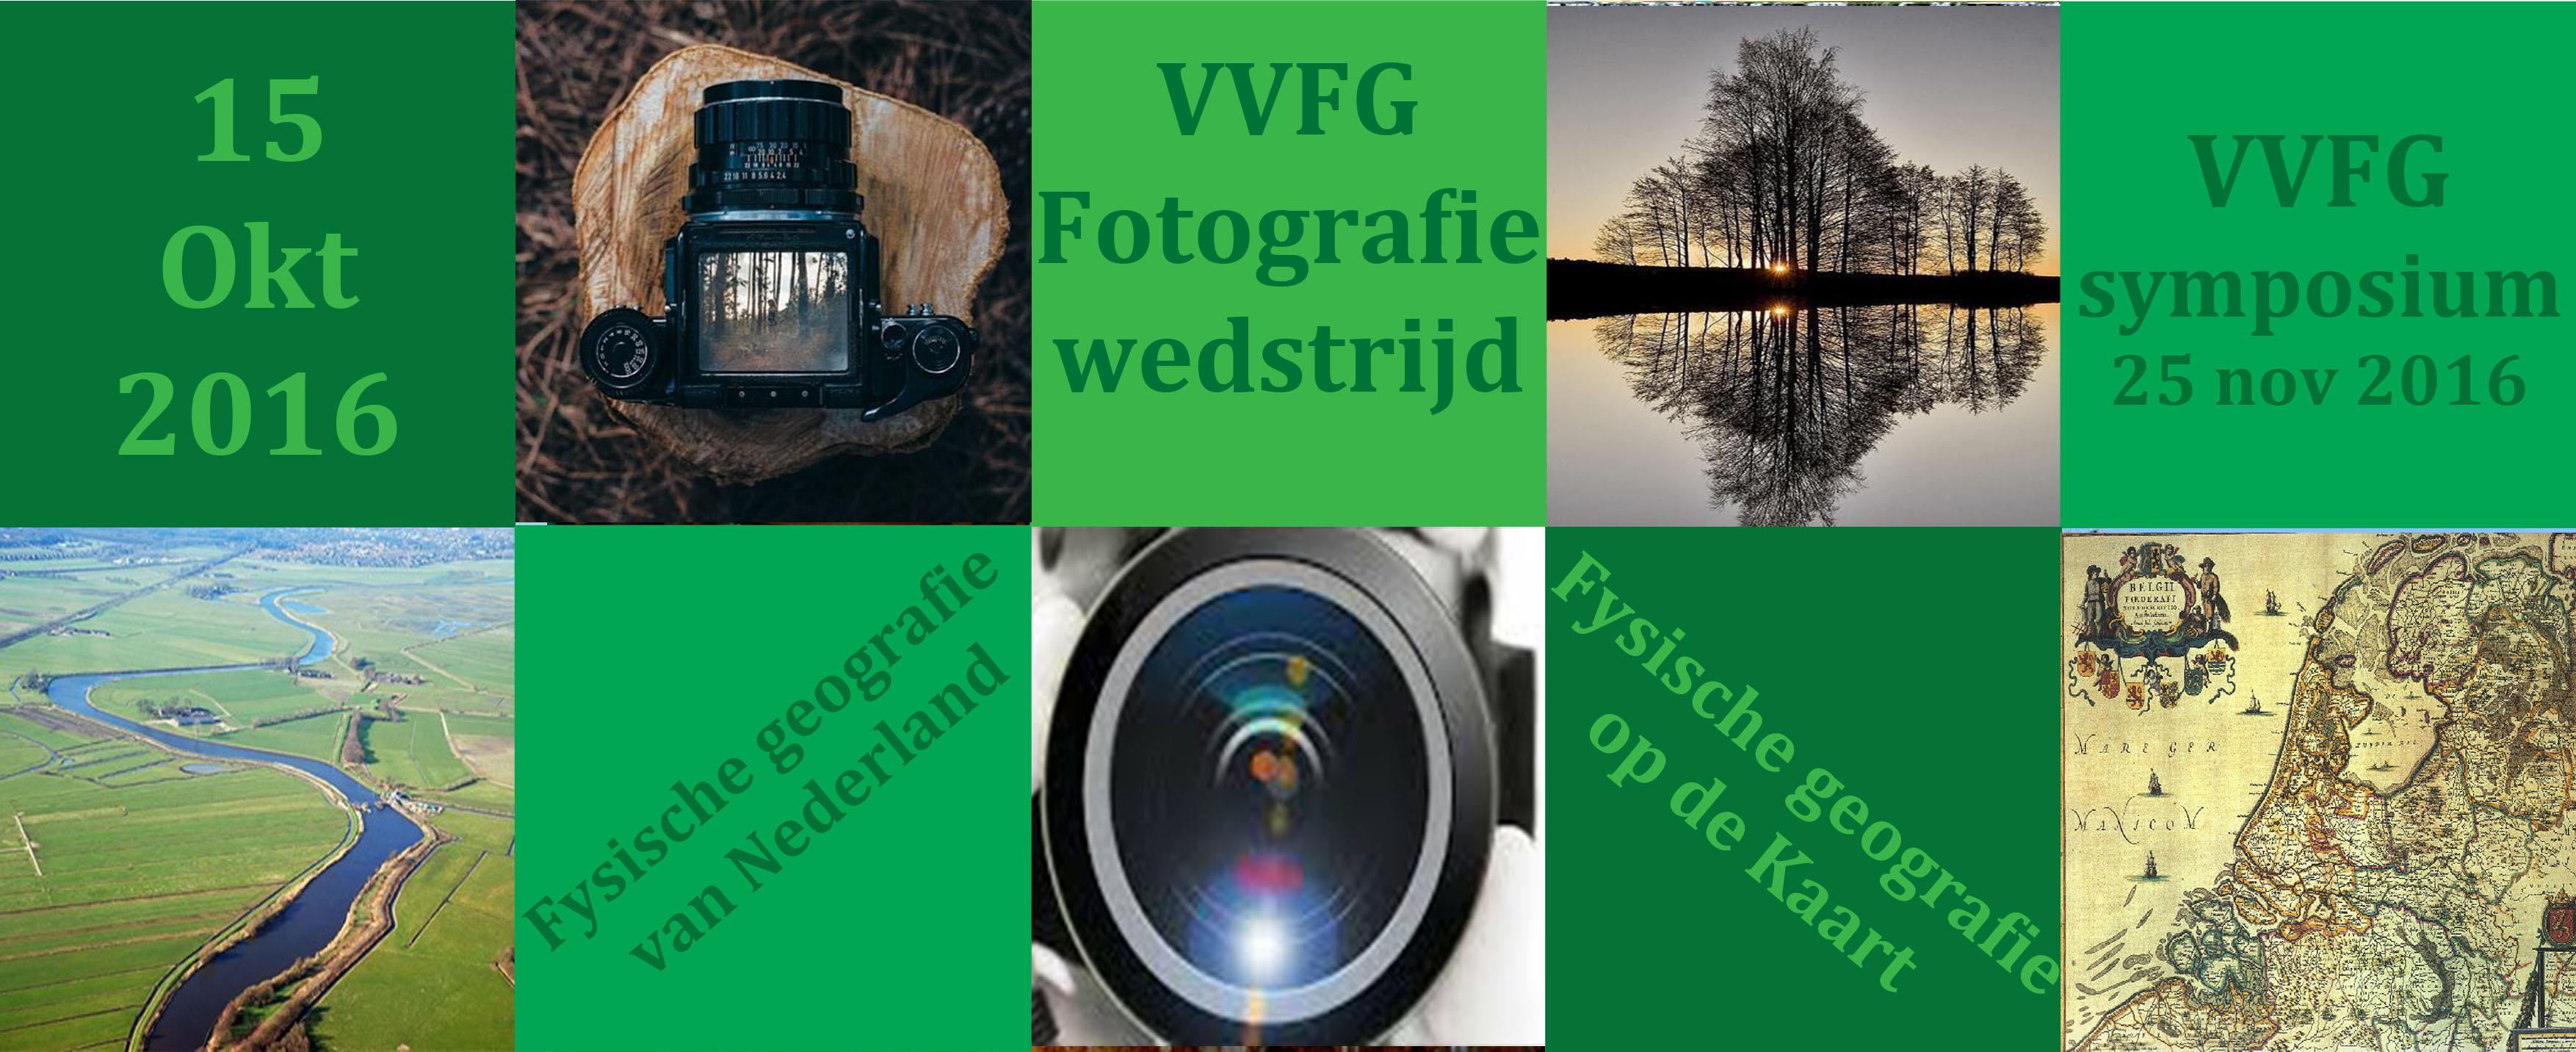 vvfg-fotografiewedstrijd-banner